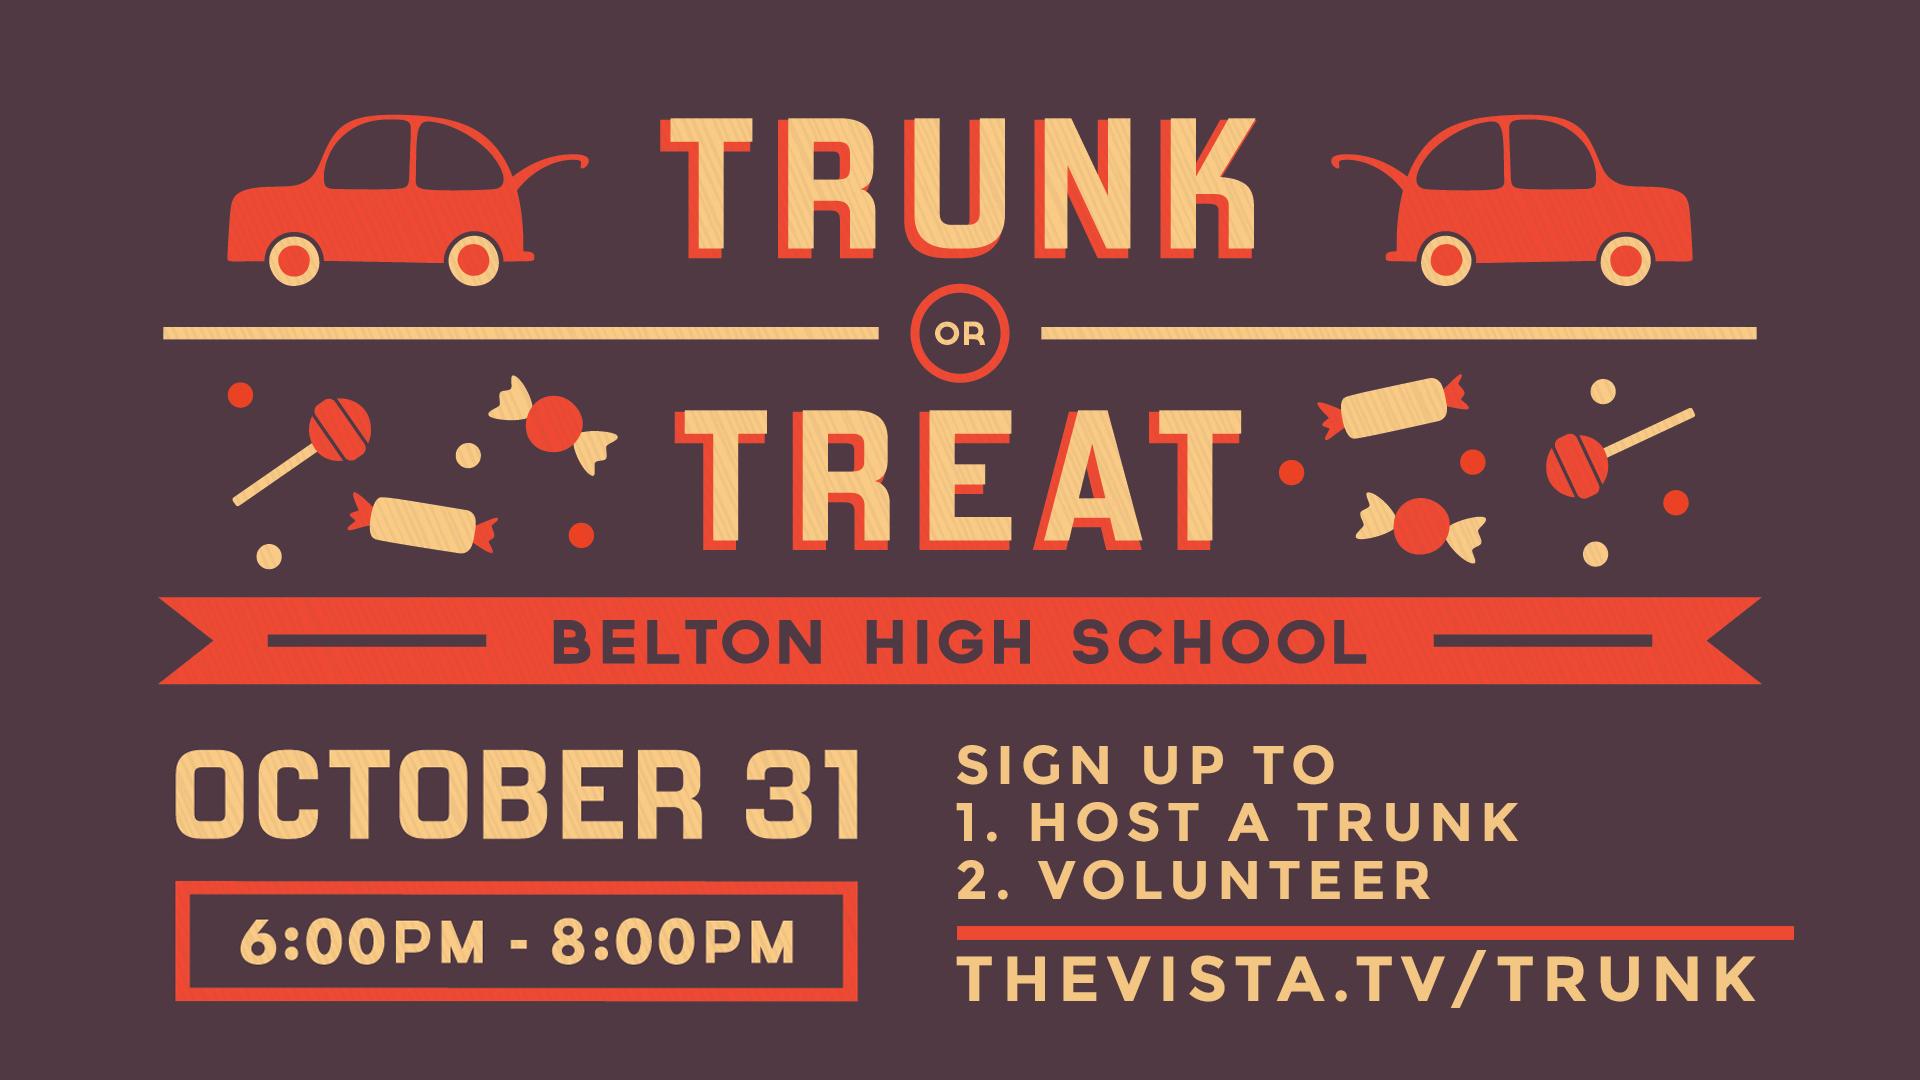 Trunk or treat volunteer